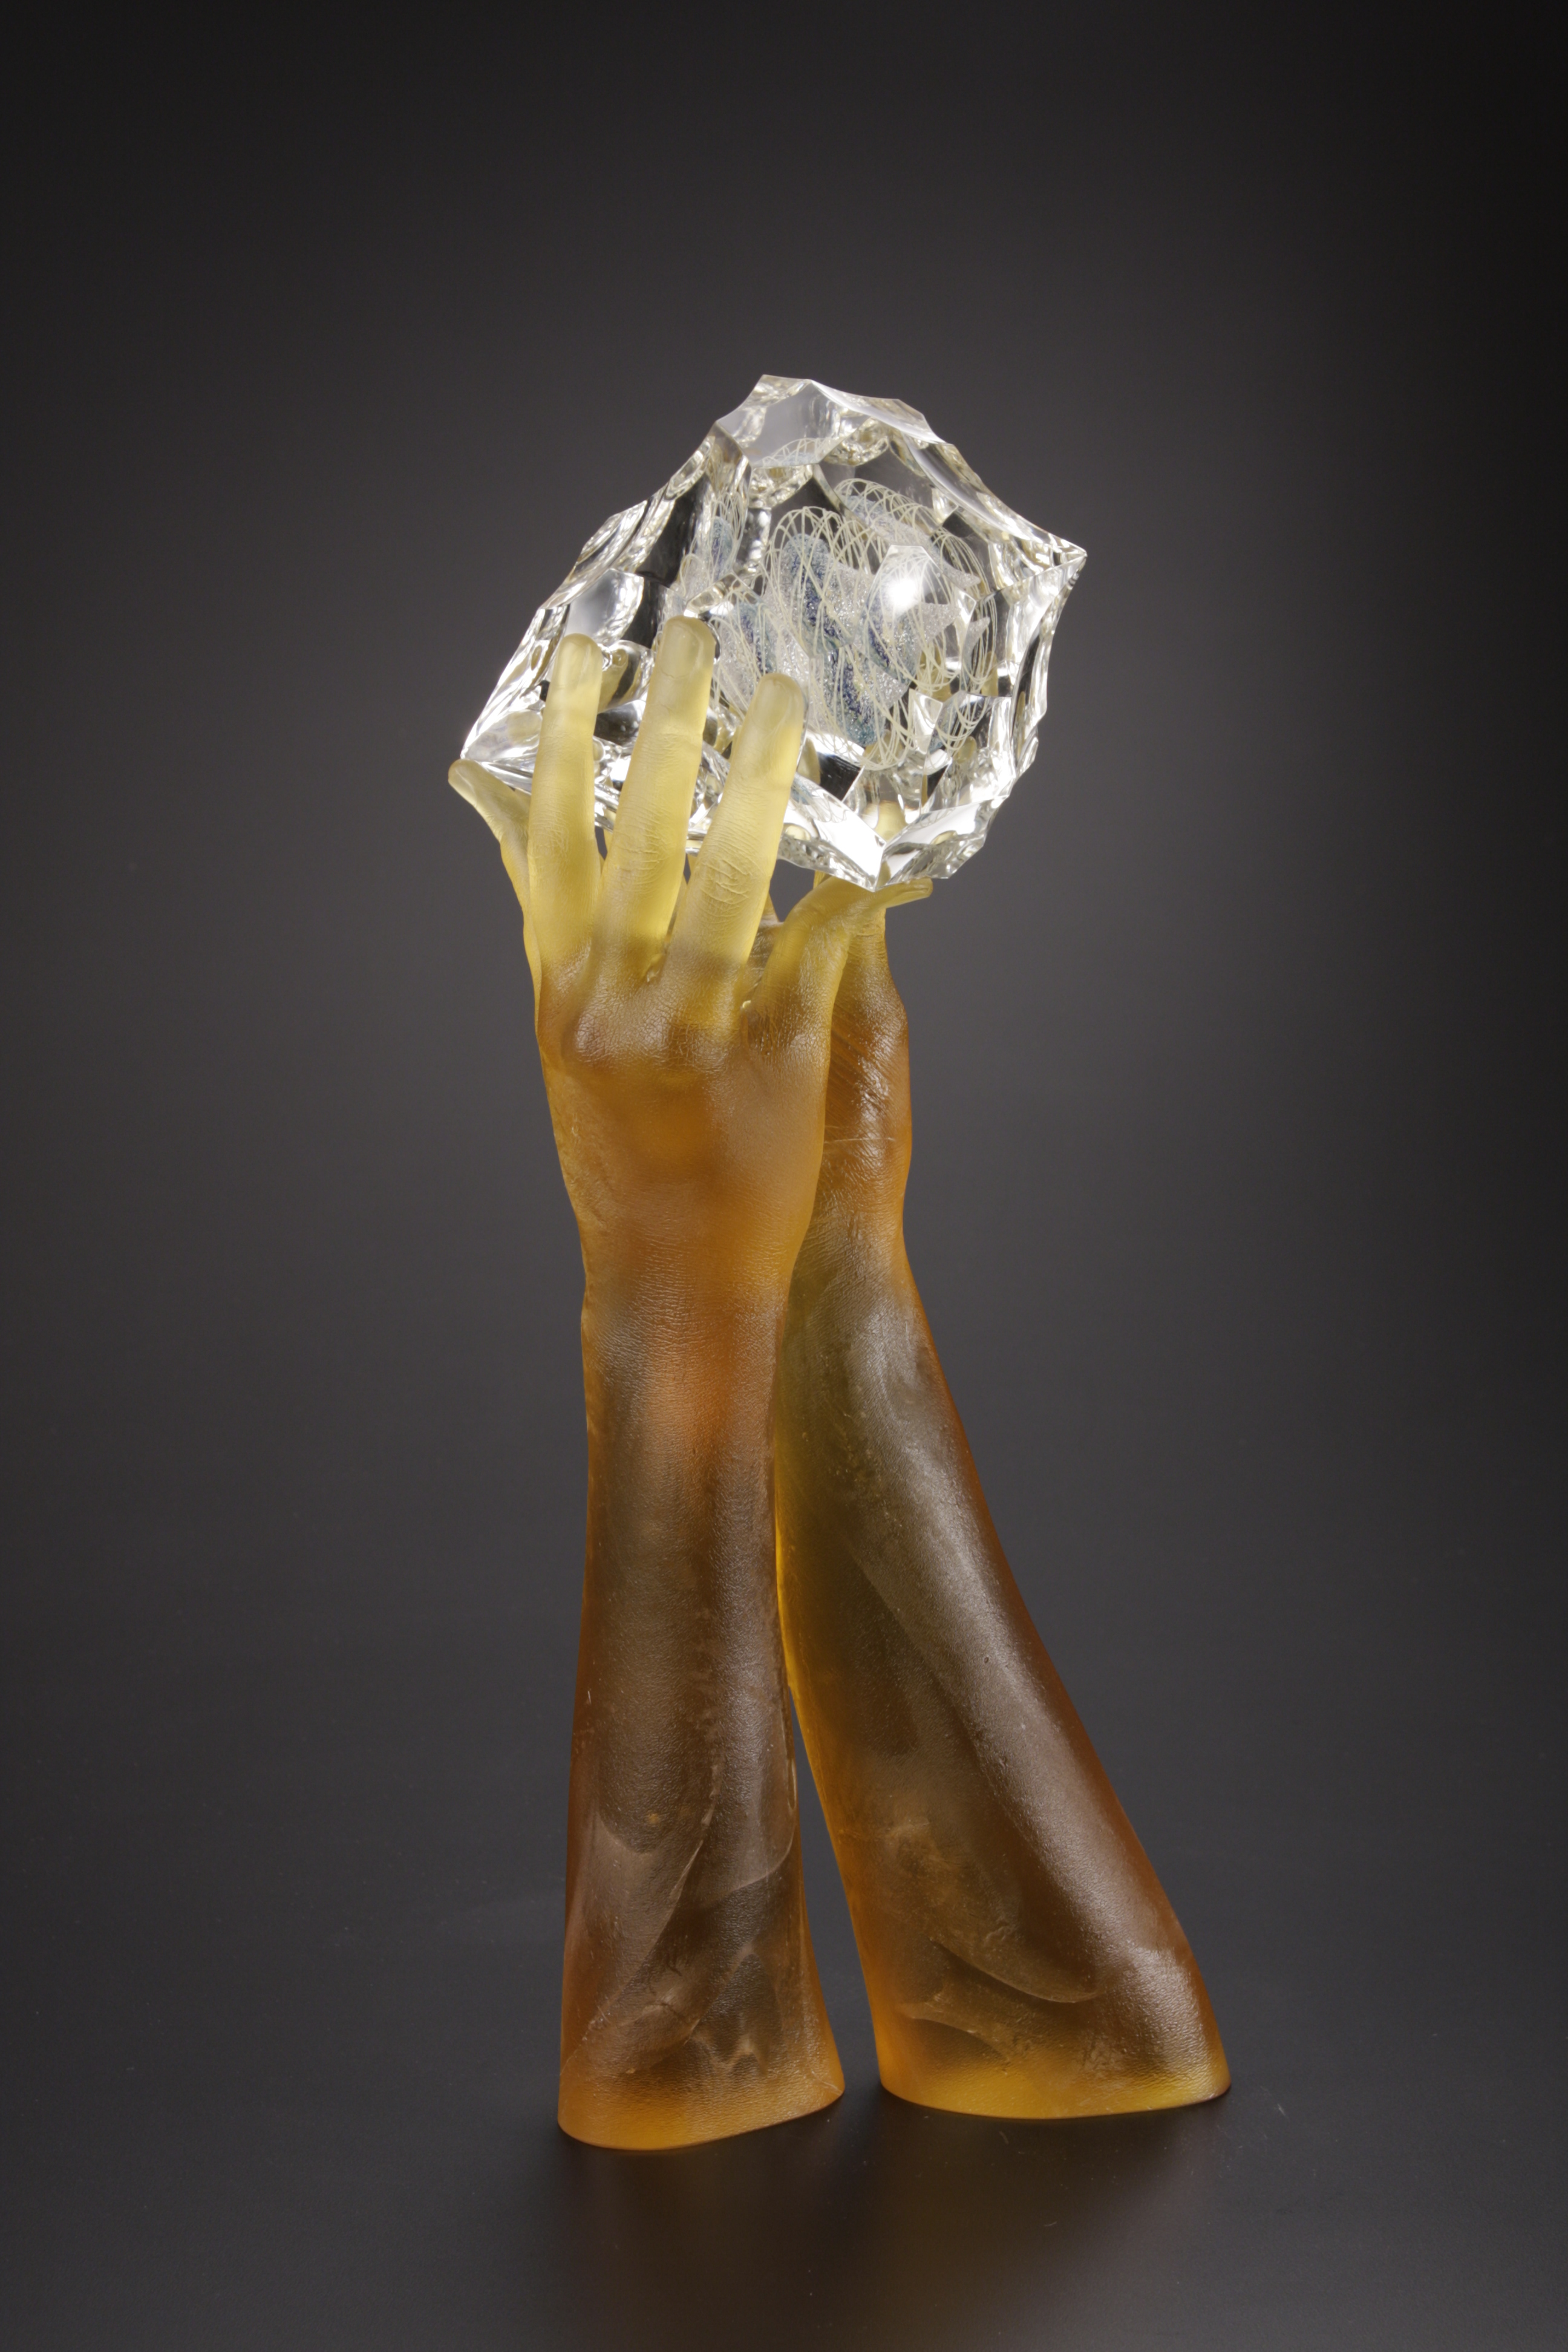 Sculpture of glass hands holding lens cut jewel.